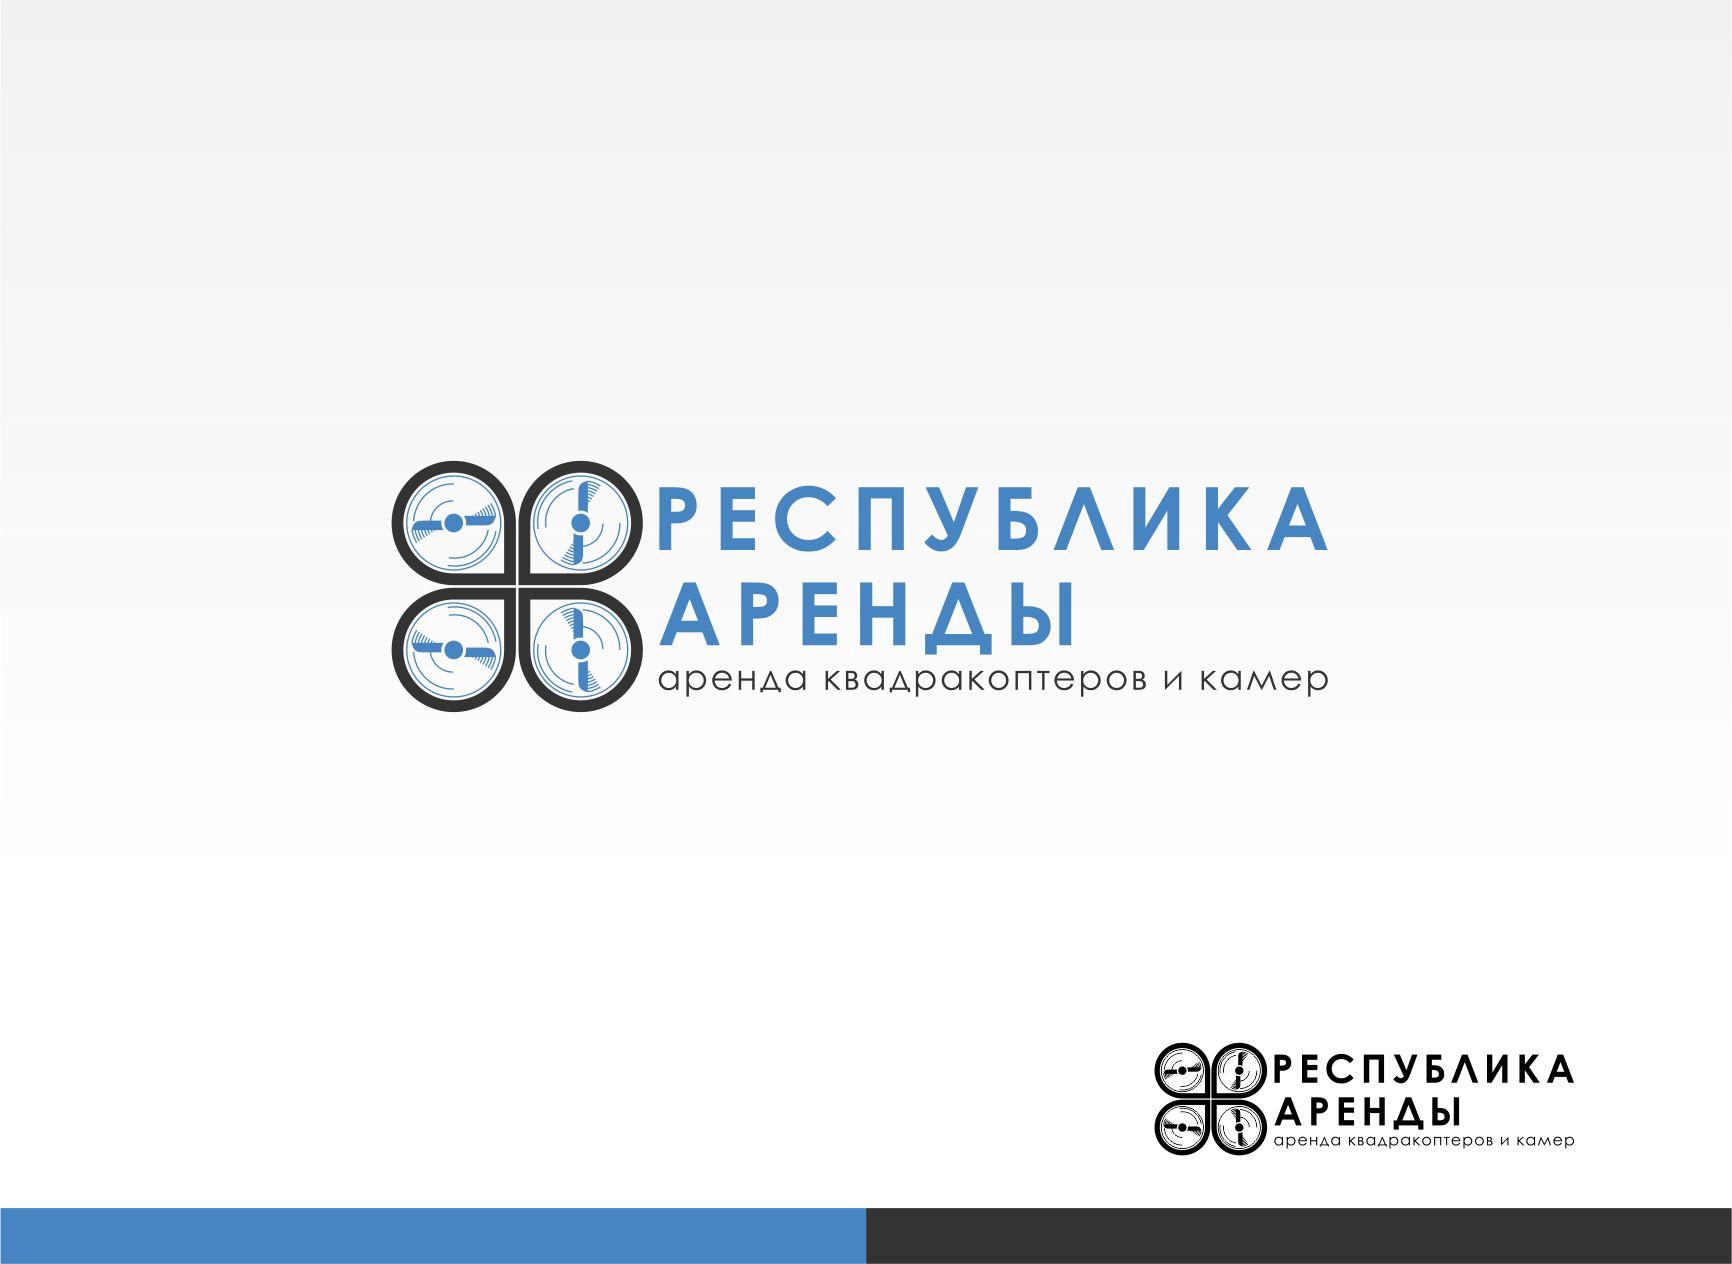 Логотип для компании по аренде квадракоптеров - дизайнер La_persona